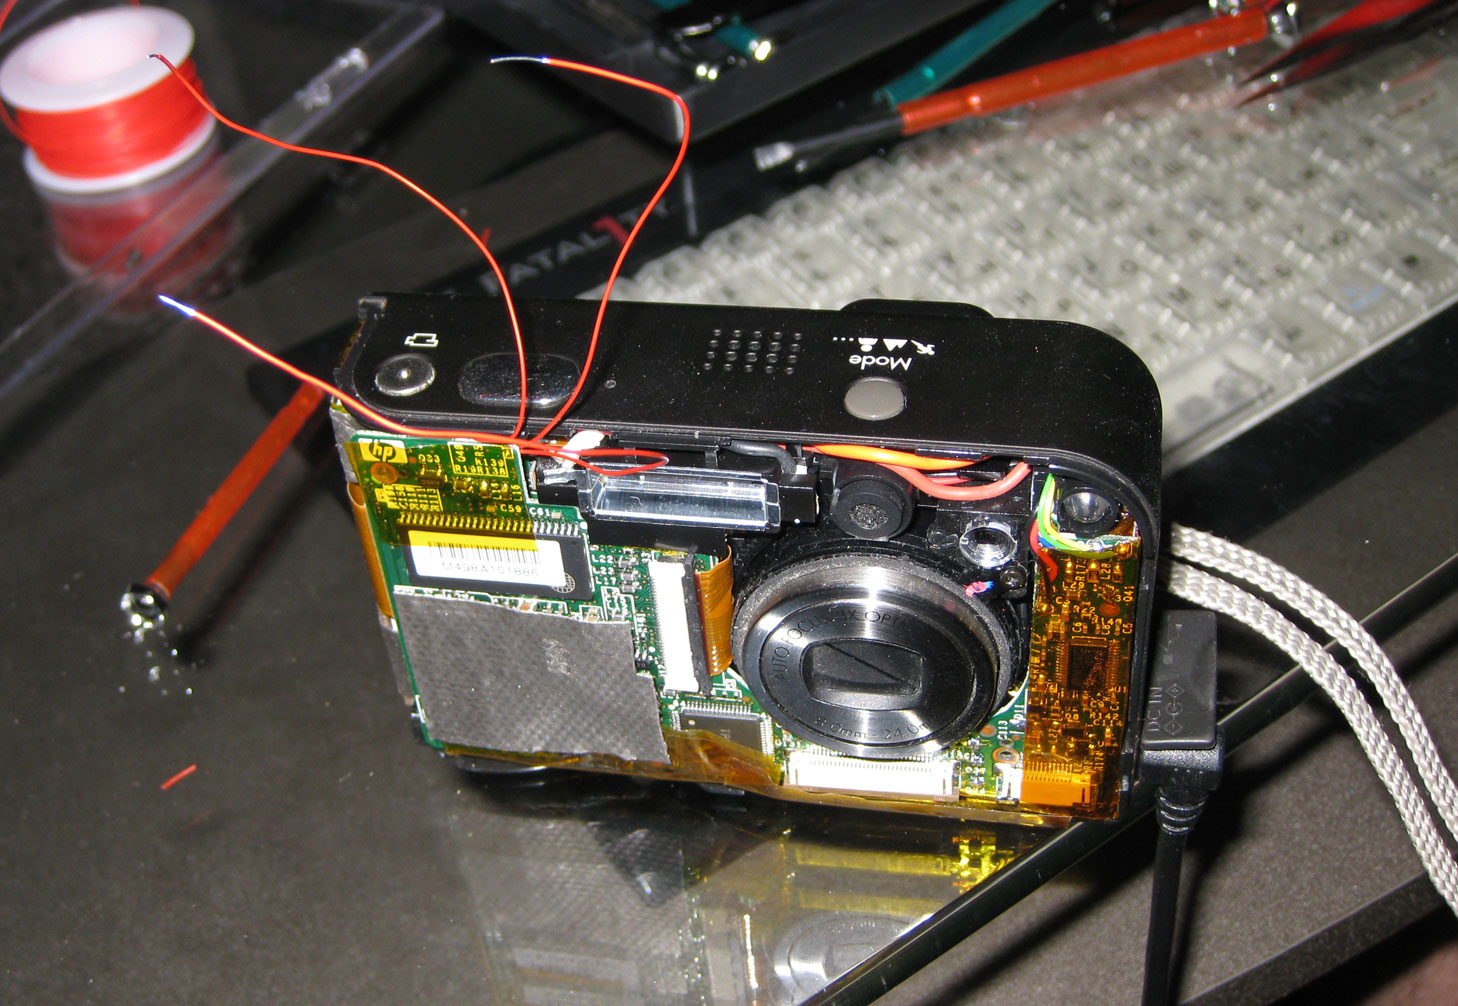 Remote Camera Trigger